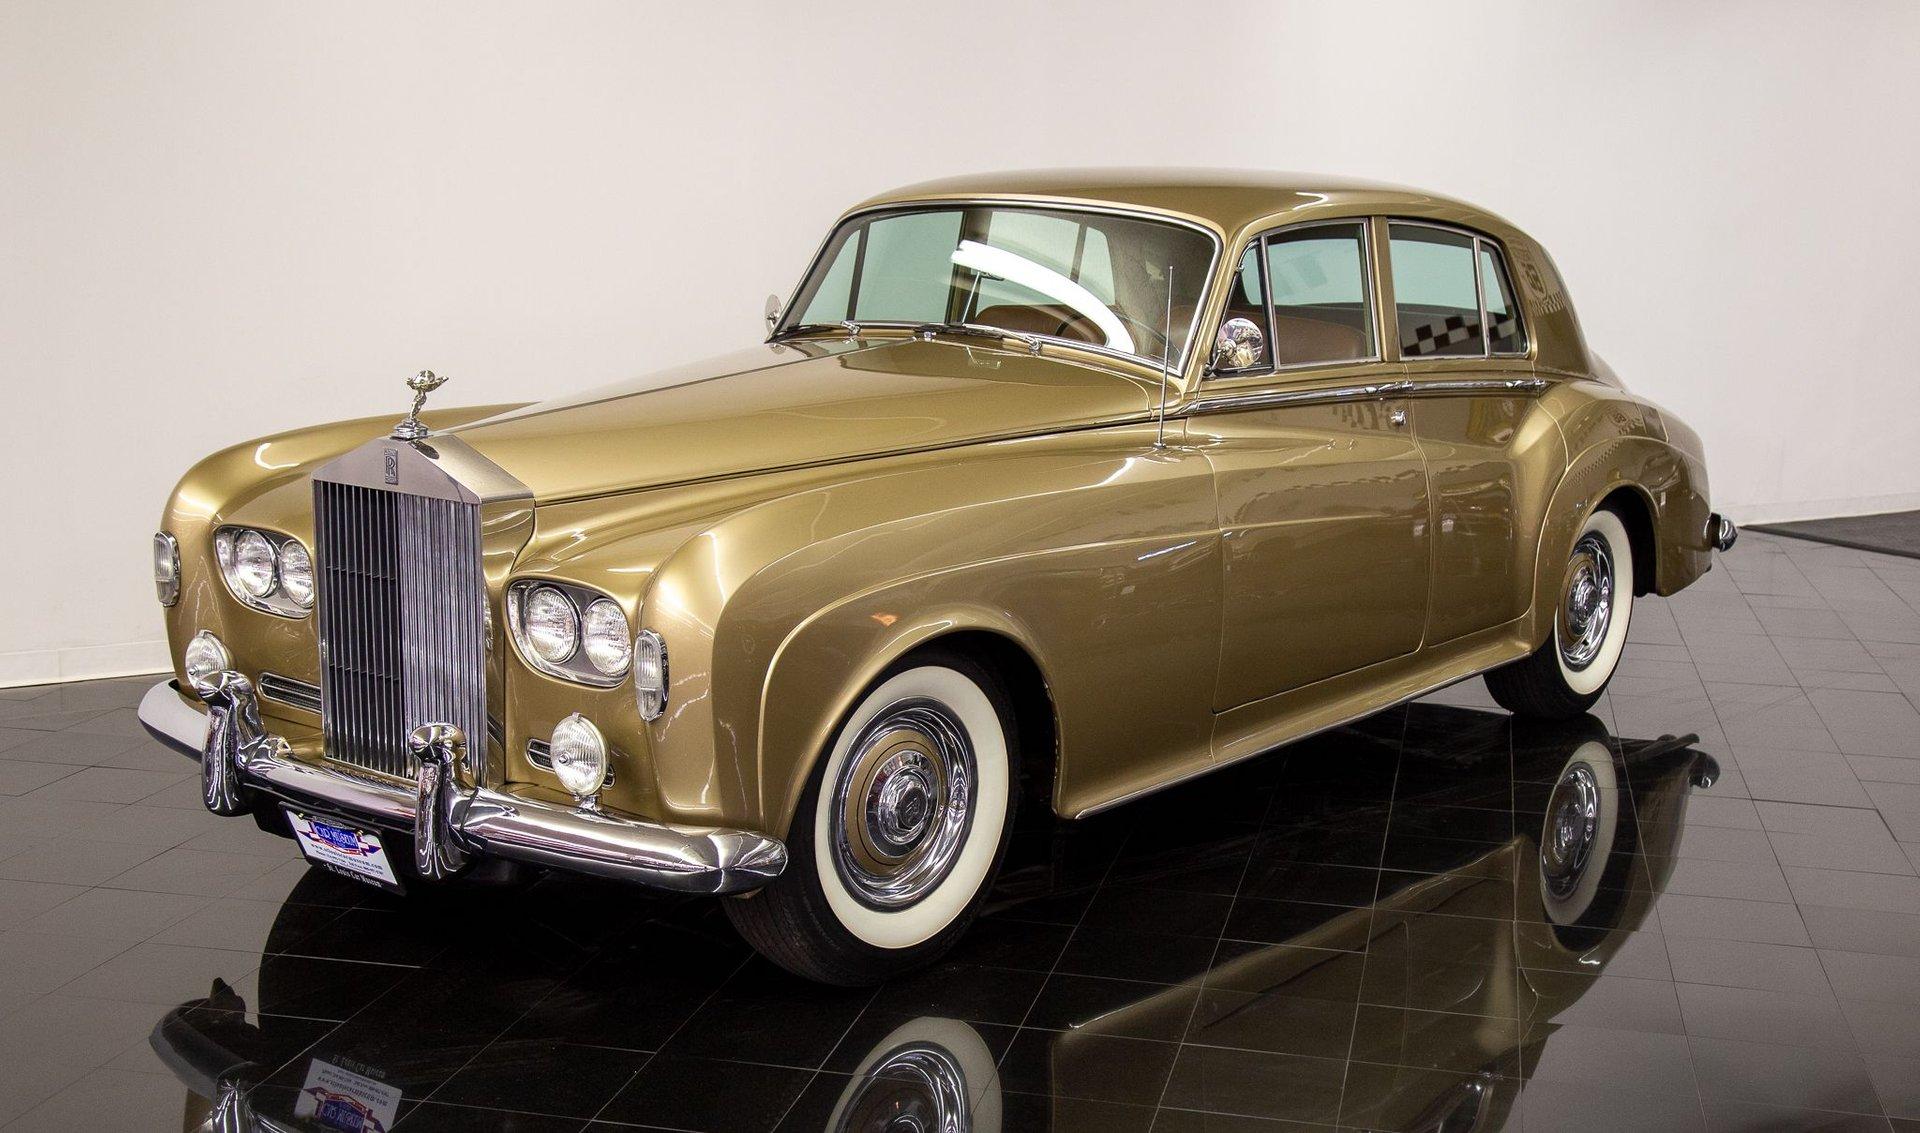 1963 Rolls Royce Silver Cloud III Saloon FOR SALE